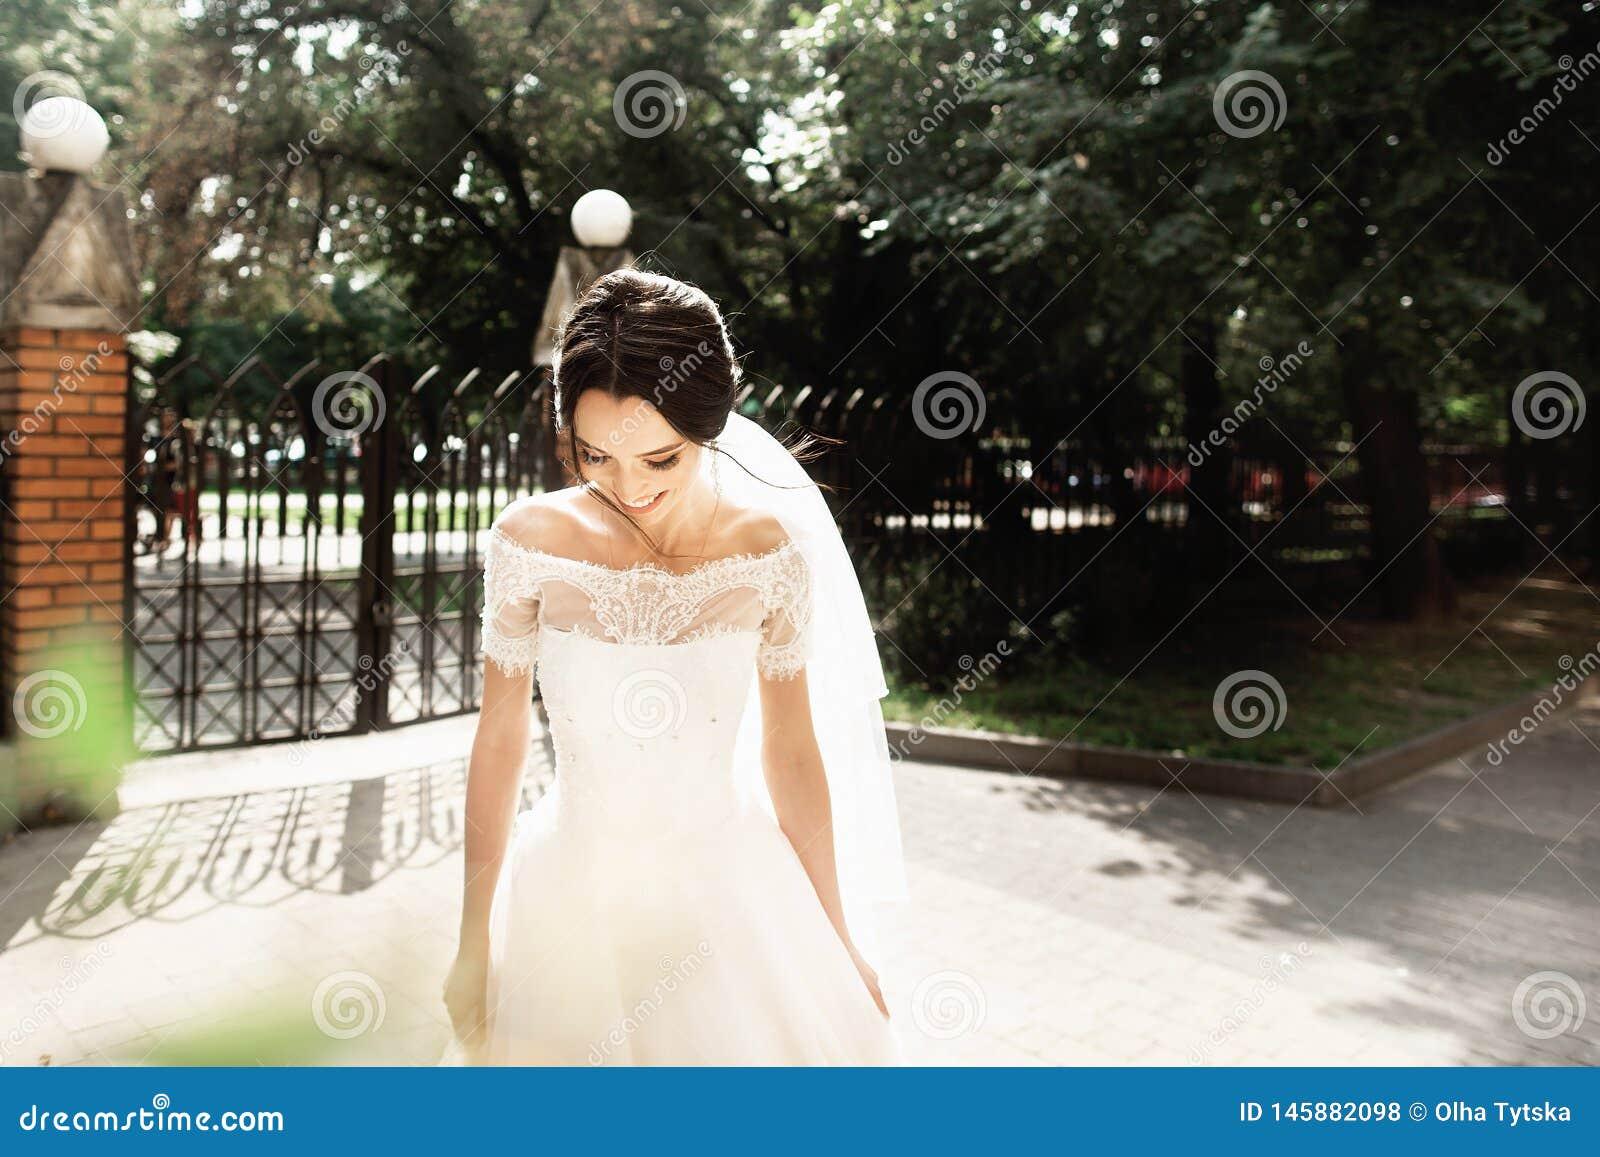 De mooie jonge bruid in modieuze witte kleding, het glimlachen ontmoet haar bruidegom in het park